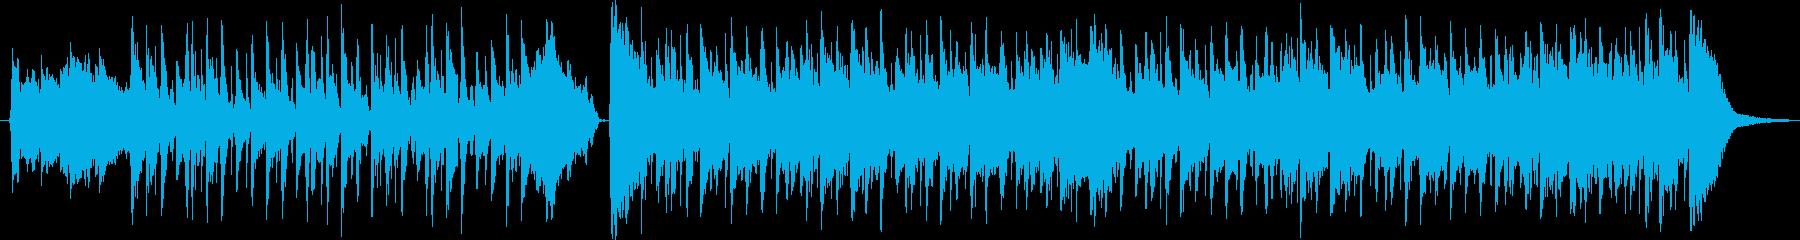 これは、ヒップホップスタイルとポジ...の再生済みの波形